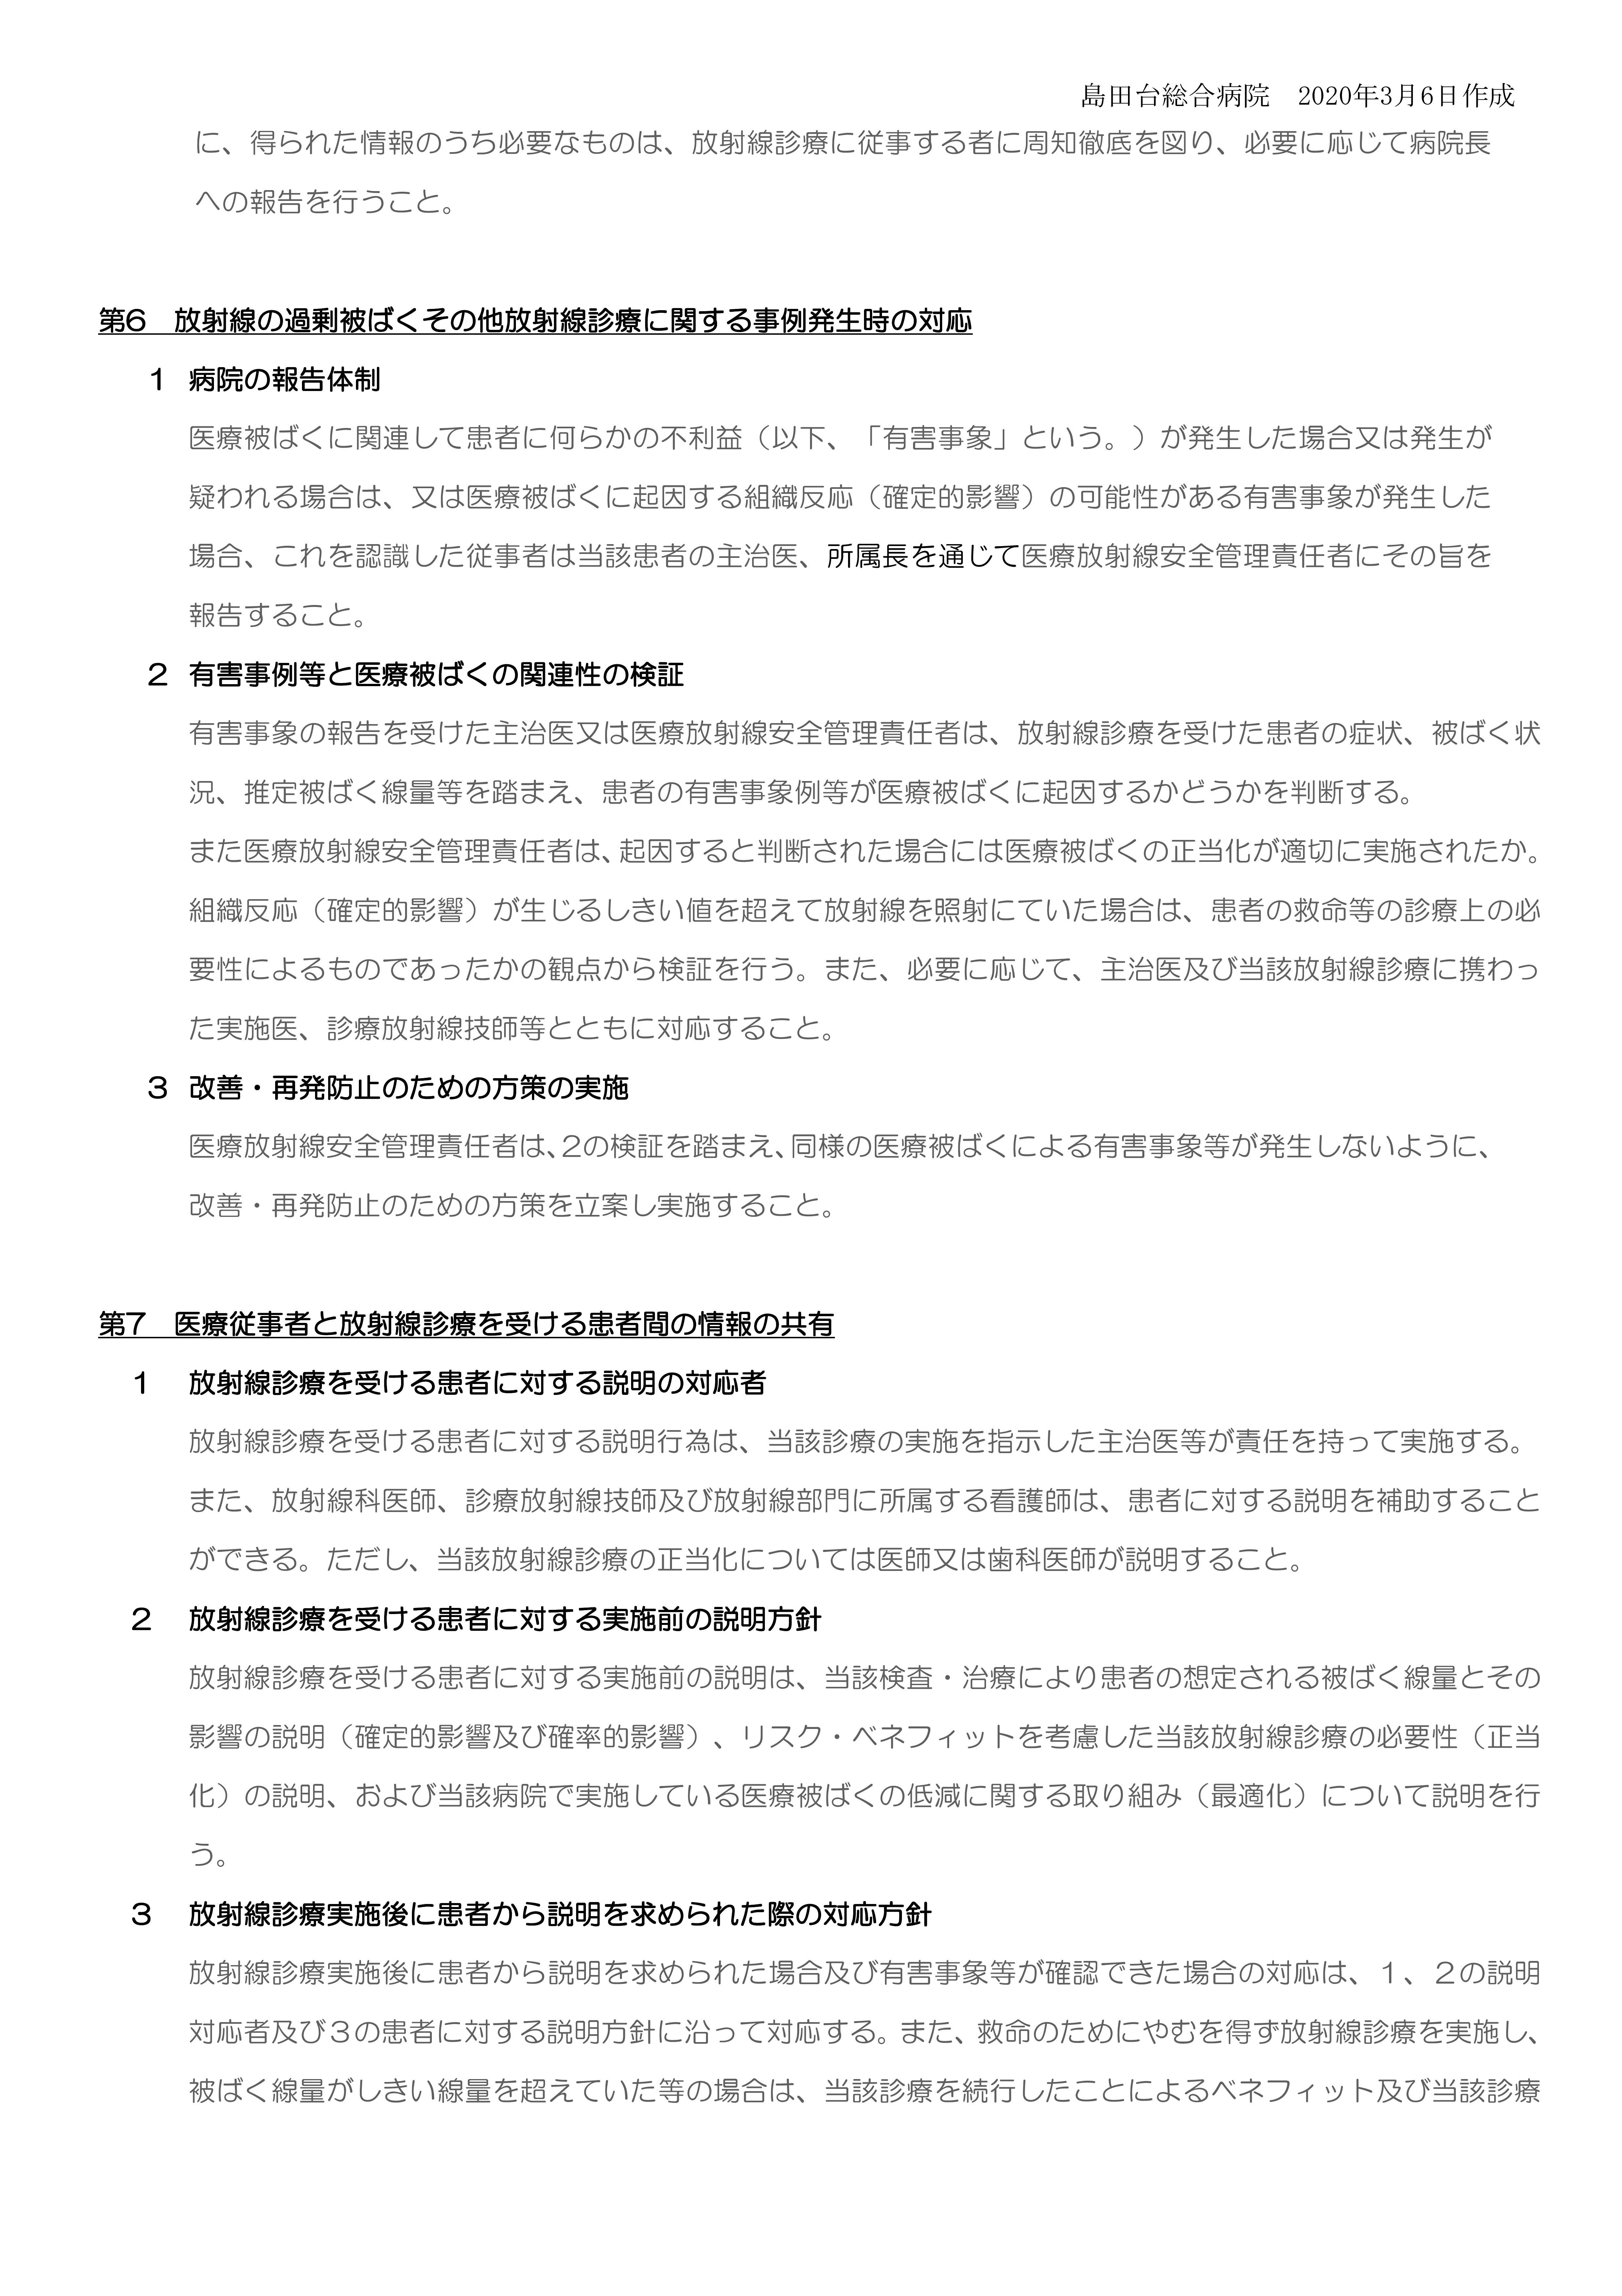 医療放射線安全管理に関する指針-03